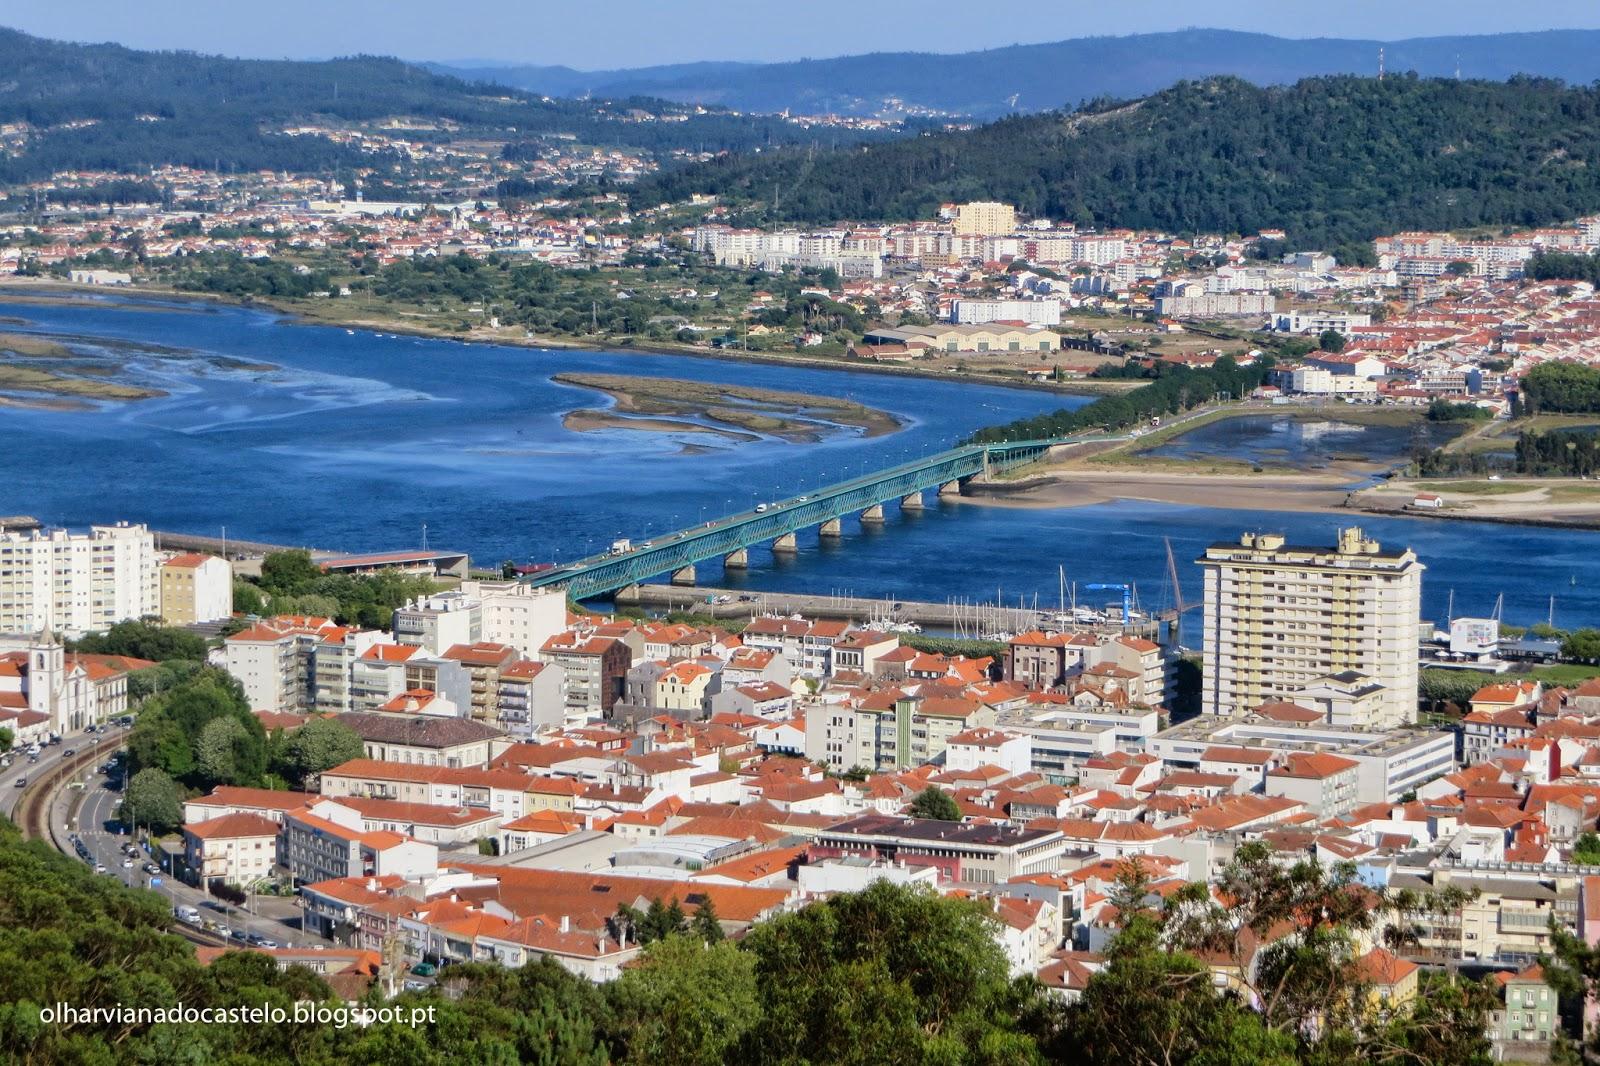 Fotos de viana do castelo portugal 6